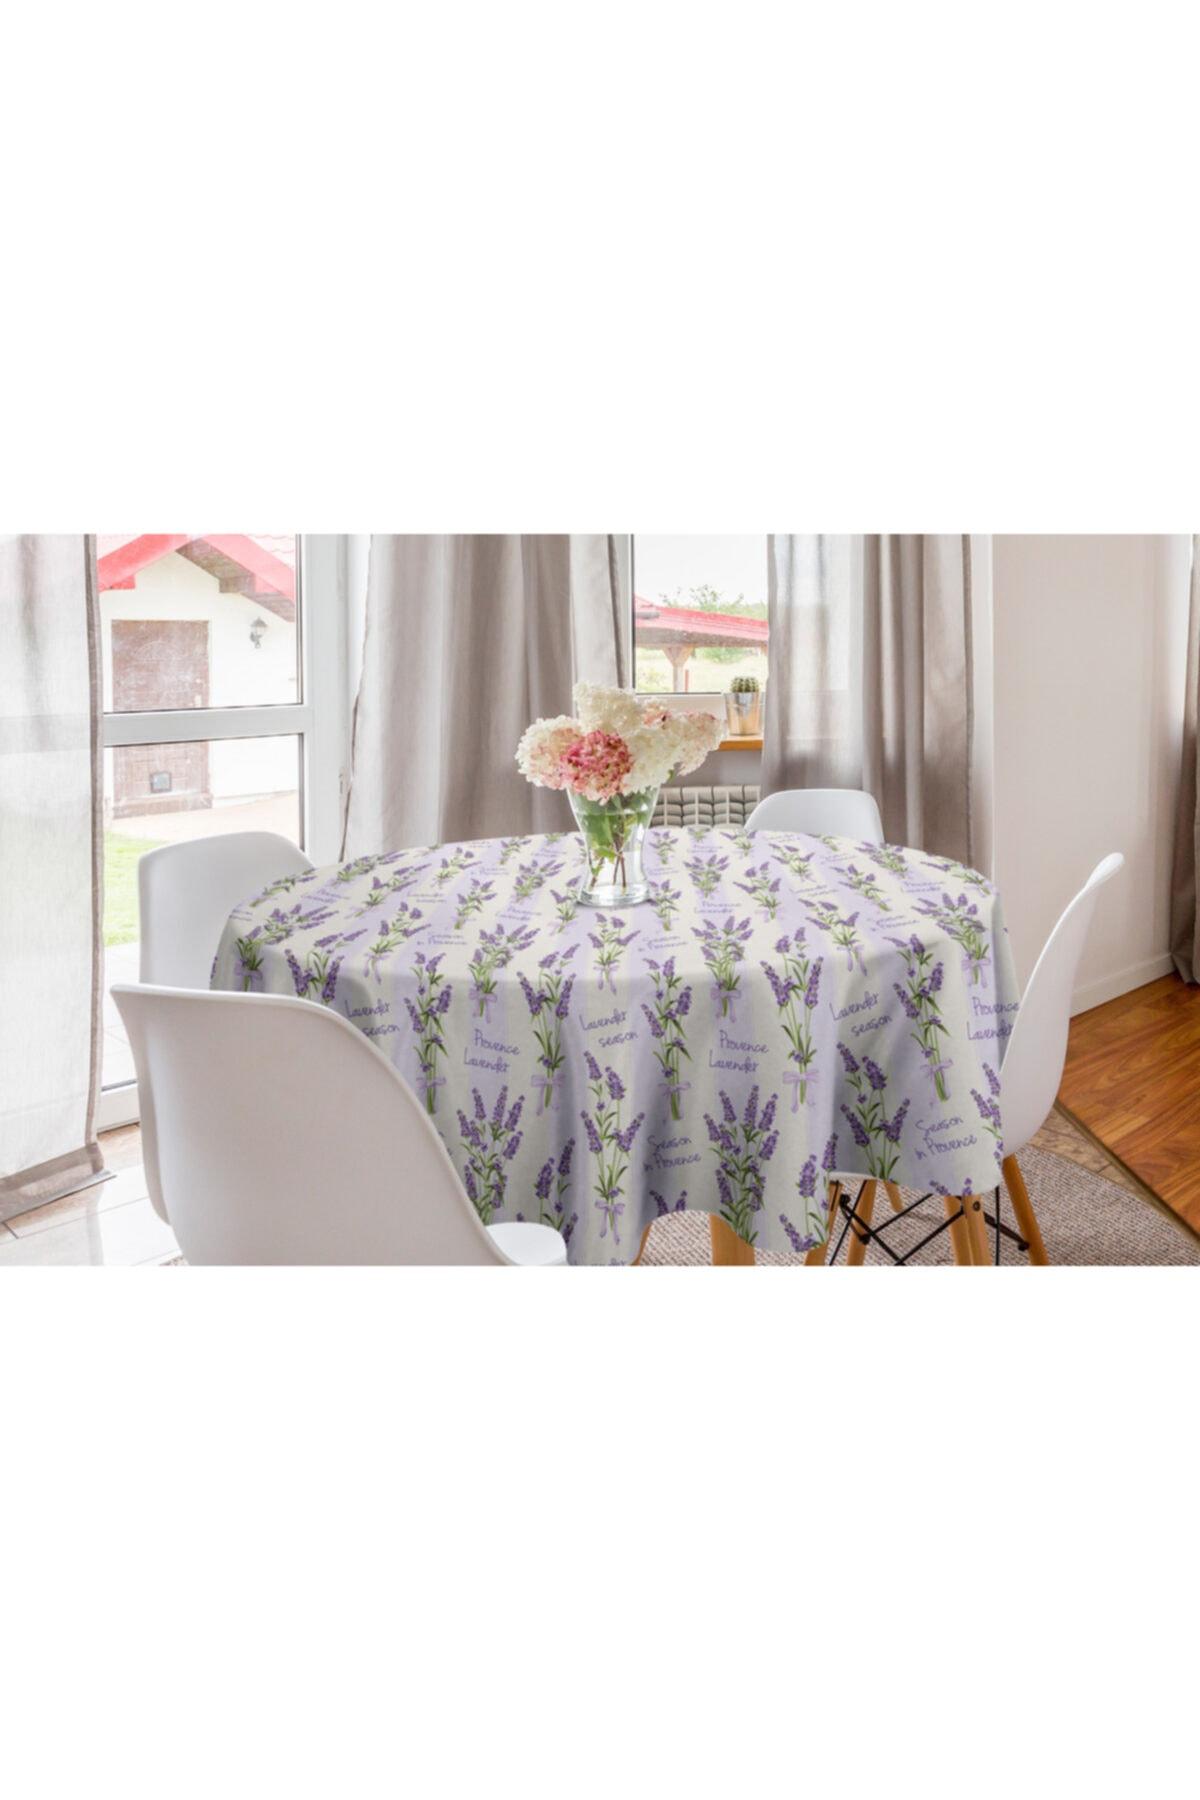 Orange Venue Çiçekli Yuvarlak Masa Örtüsü Lavanta Çiçekleri Romantik 1